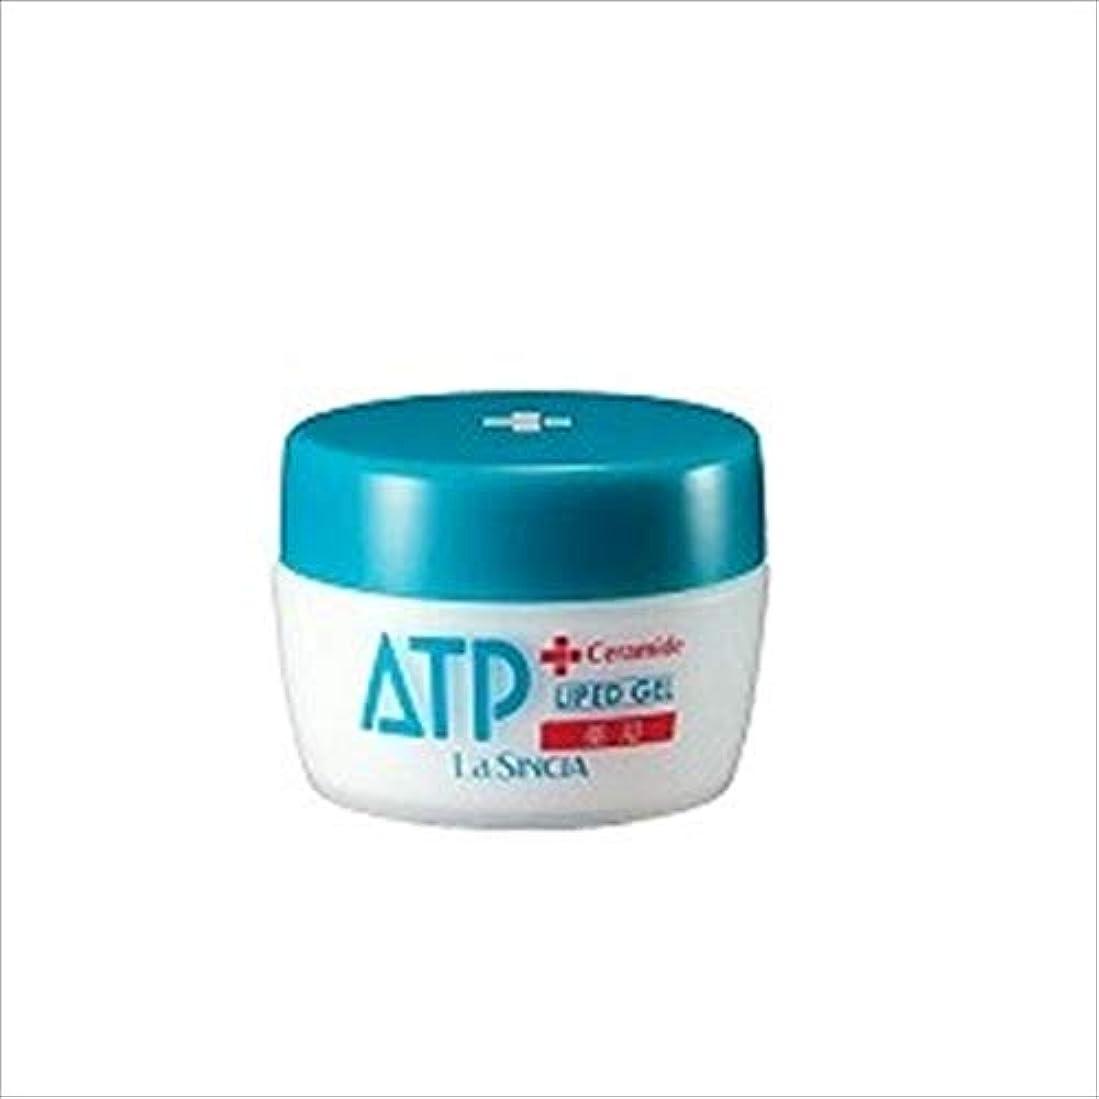 ラ?シンシア 薬用ATP リピッドゲル 30g (全身?頭皮?頭髪用保湿ゲルクリーム)